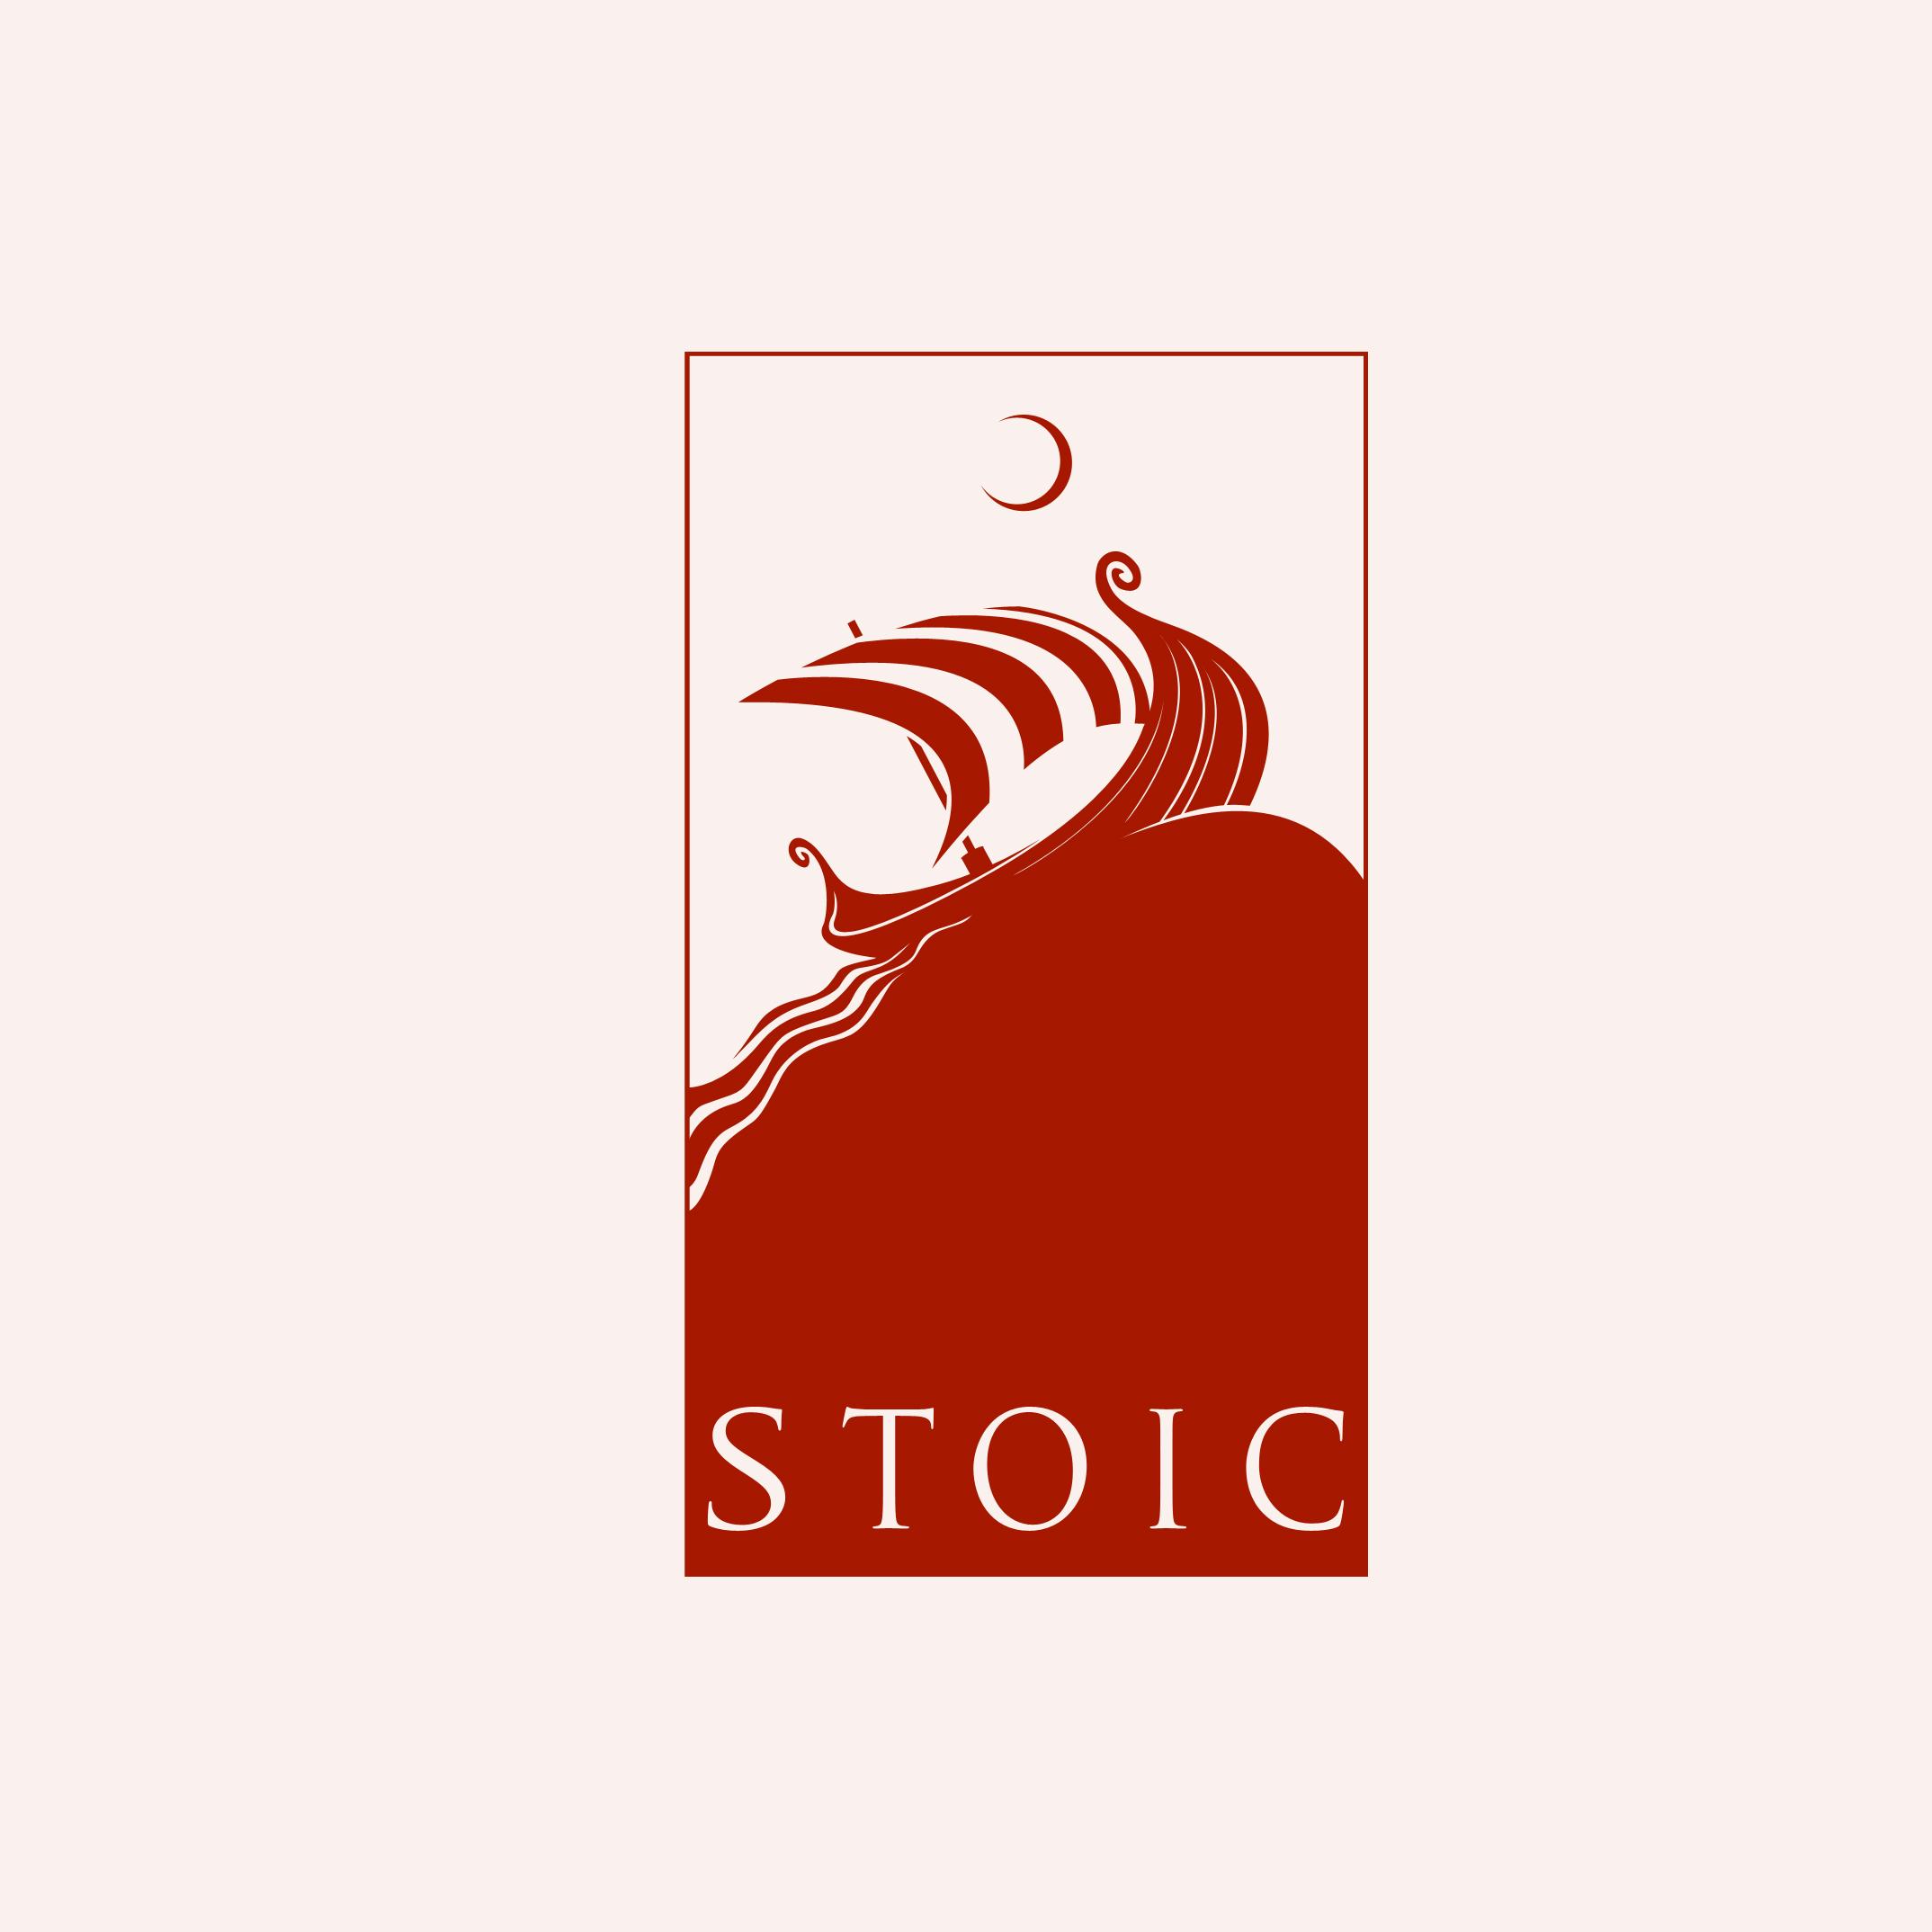 Stoic Studio